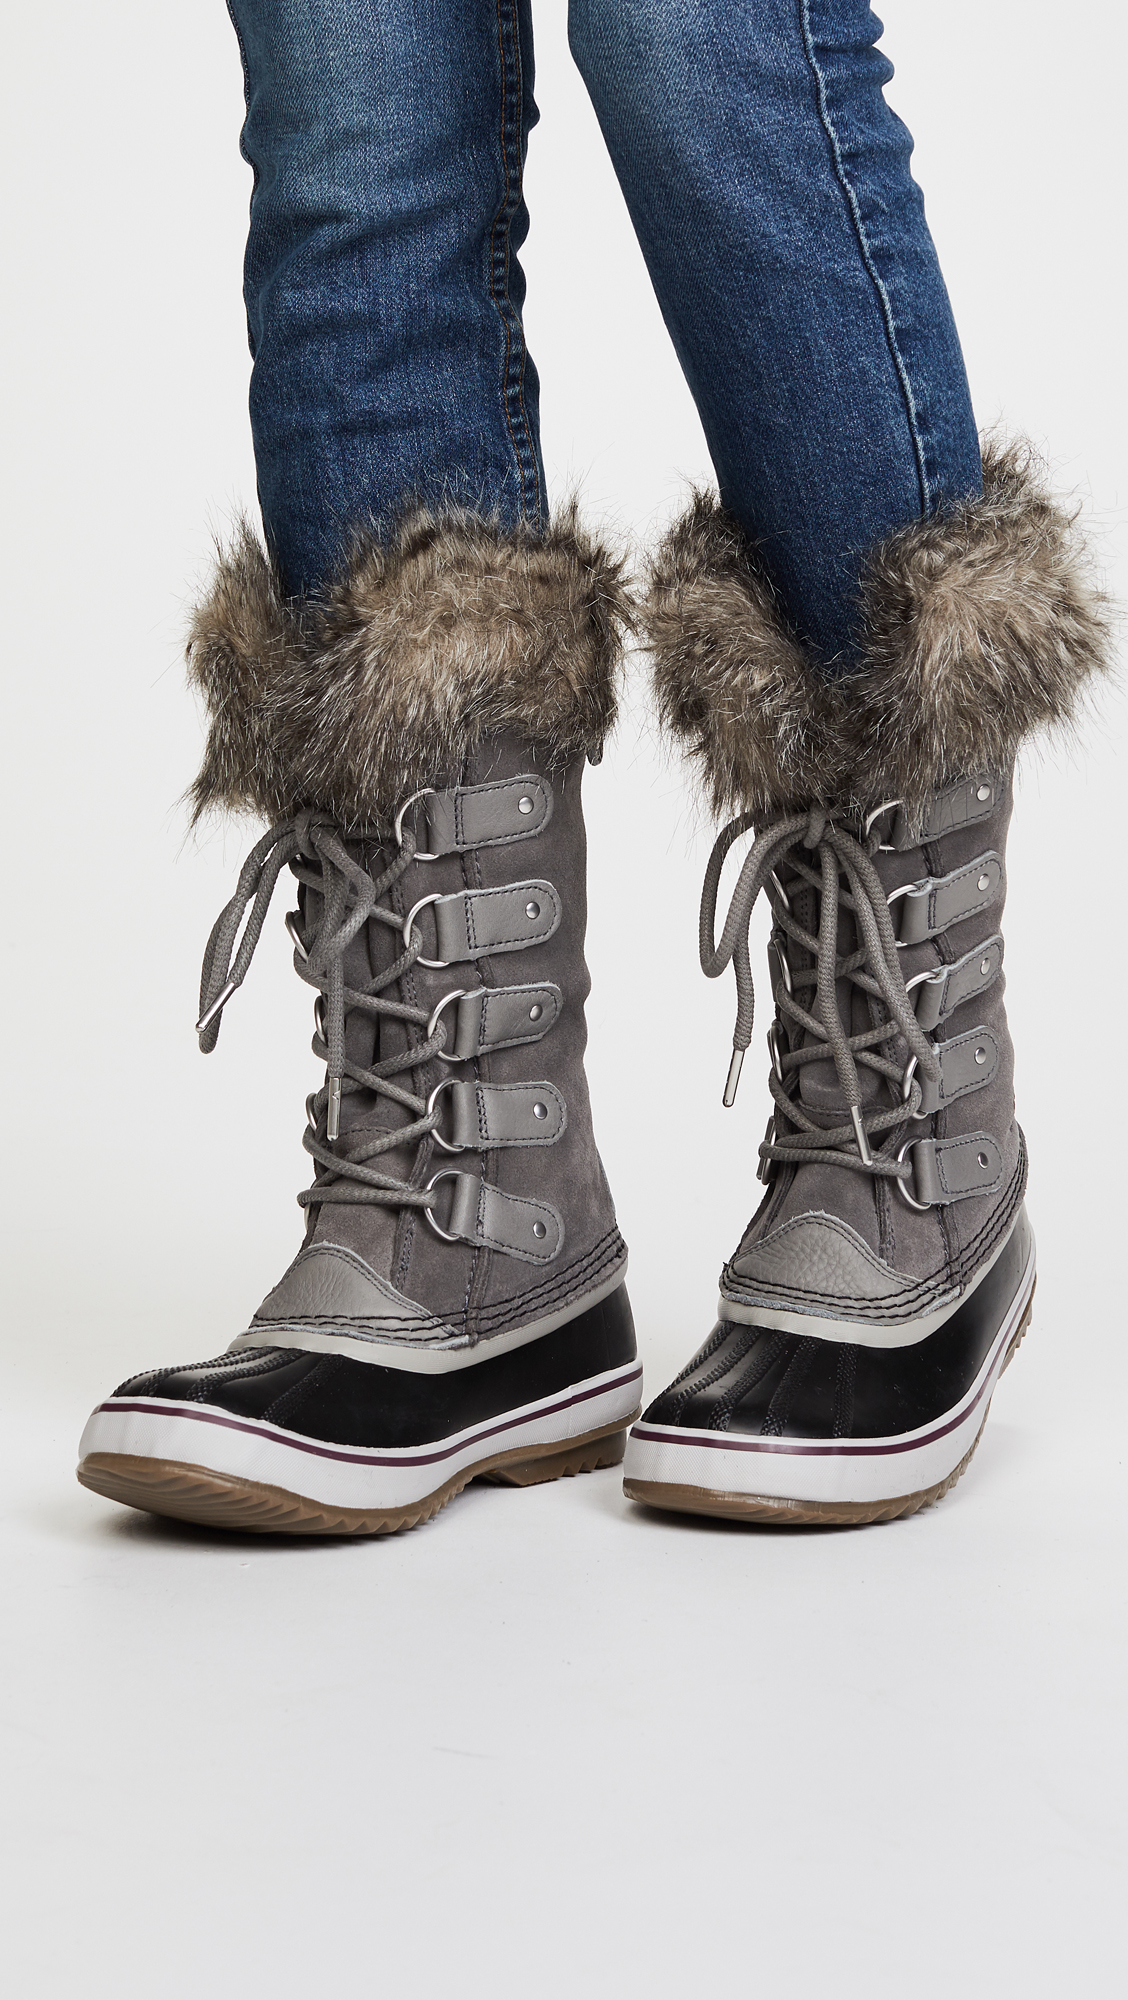 a7910bd6cb3d Sorel Joan of Arctic Boots